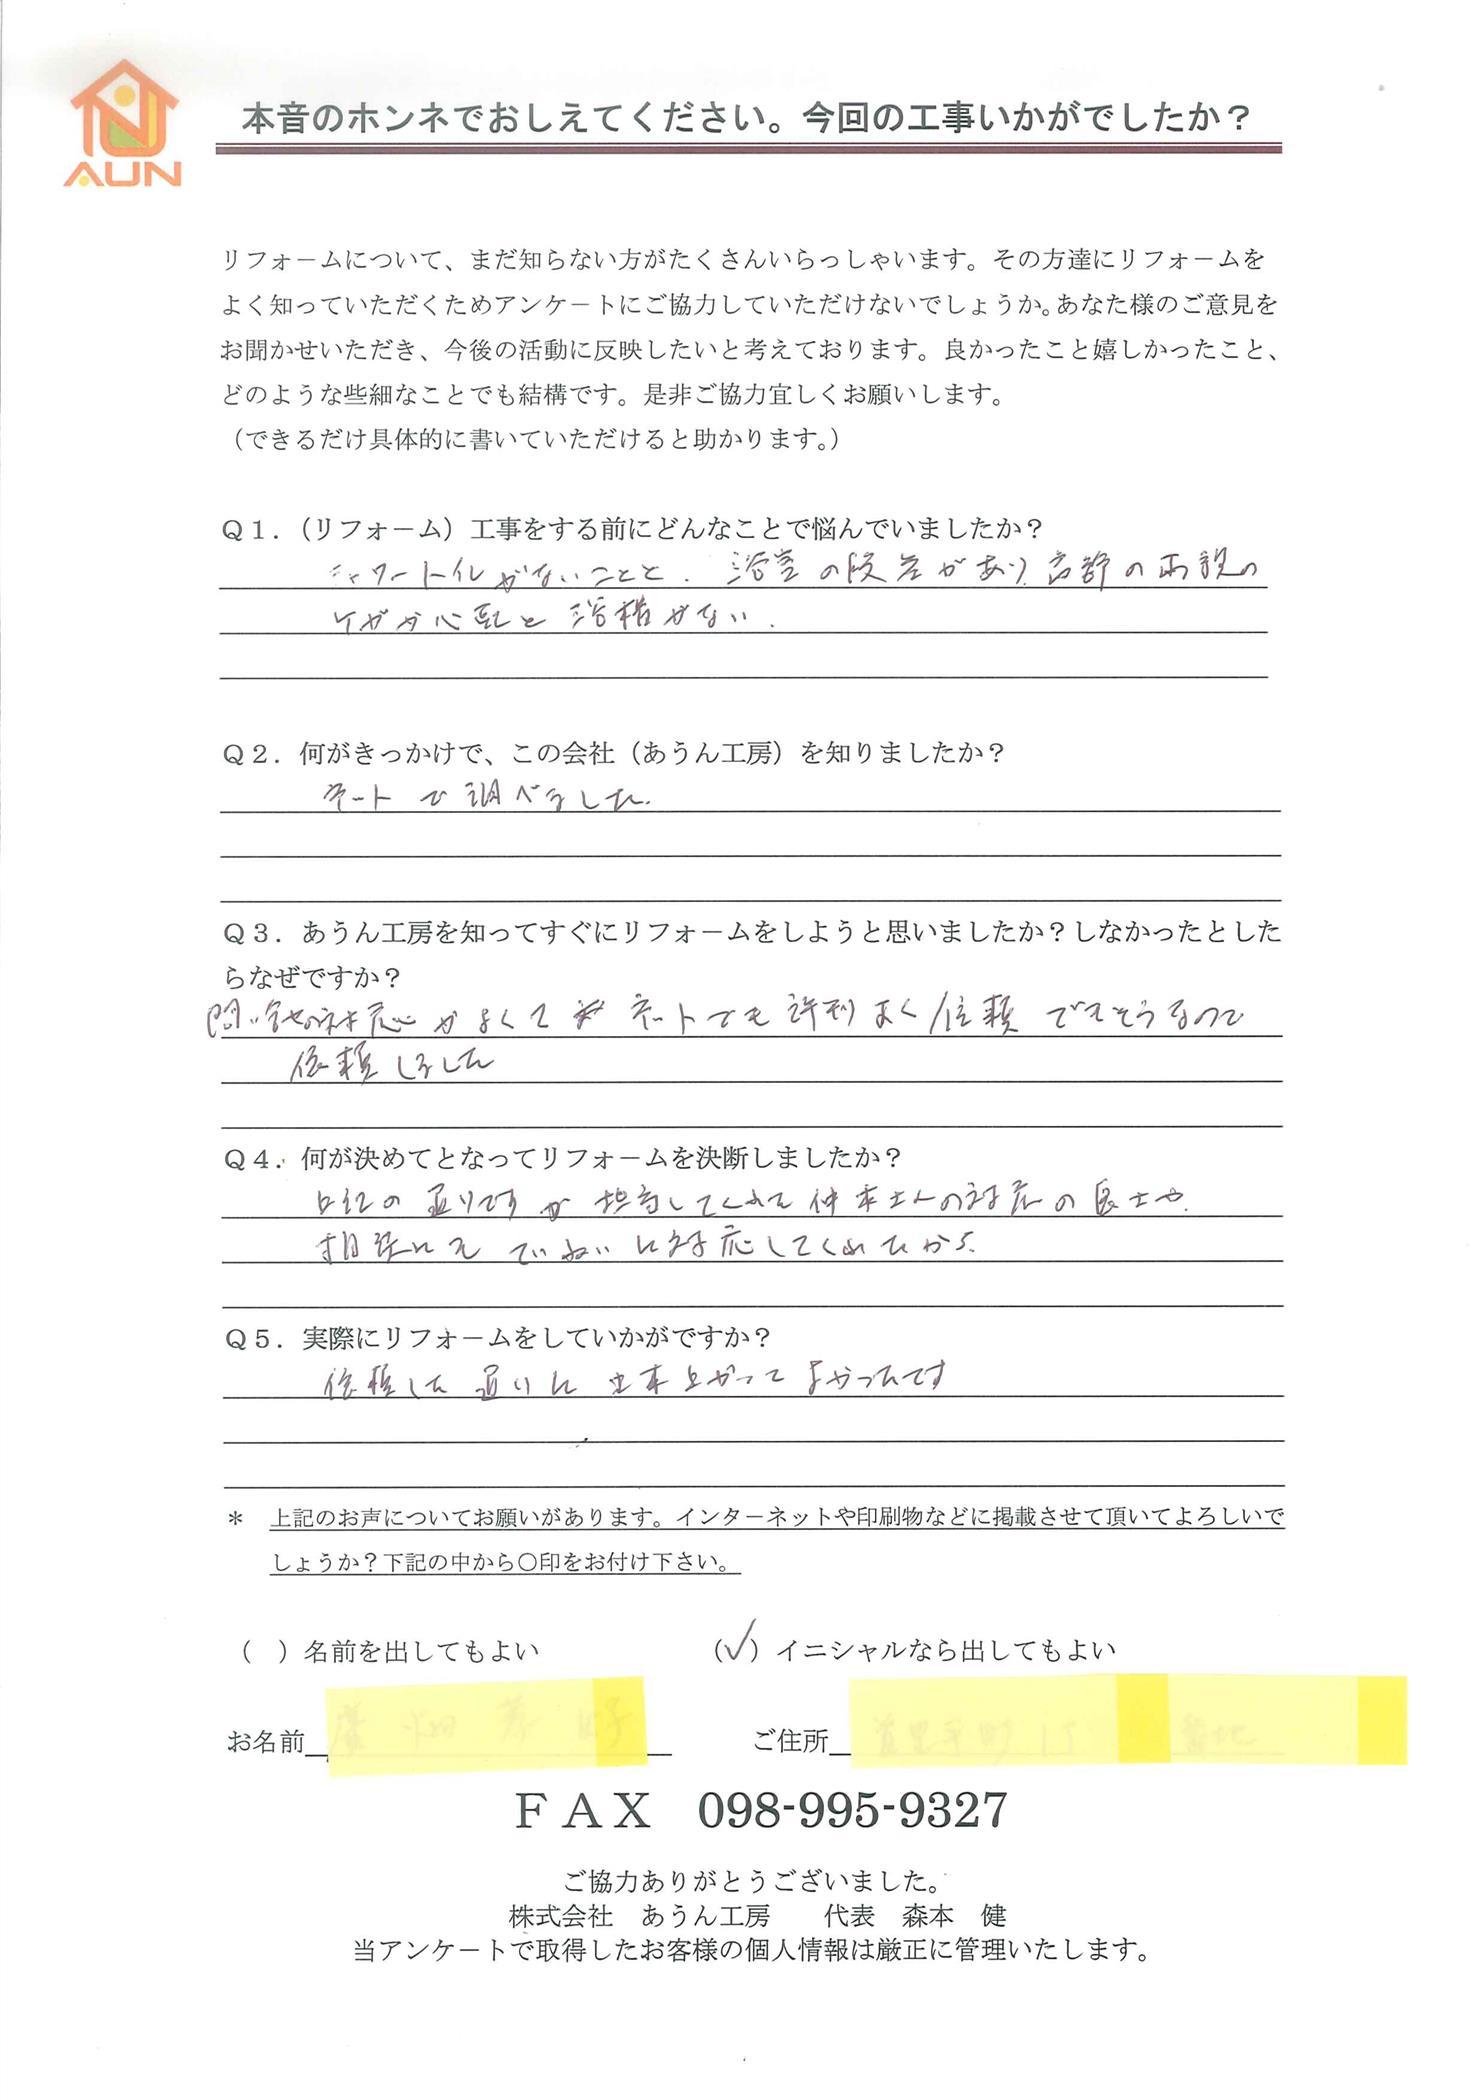 沖縄・那覇のリフォーム 実際のアンケートの画像:問合せの対応がよくて、ネットでも評判よく信頼出来そうなので